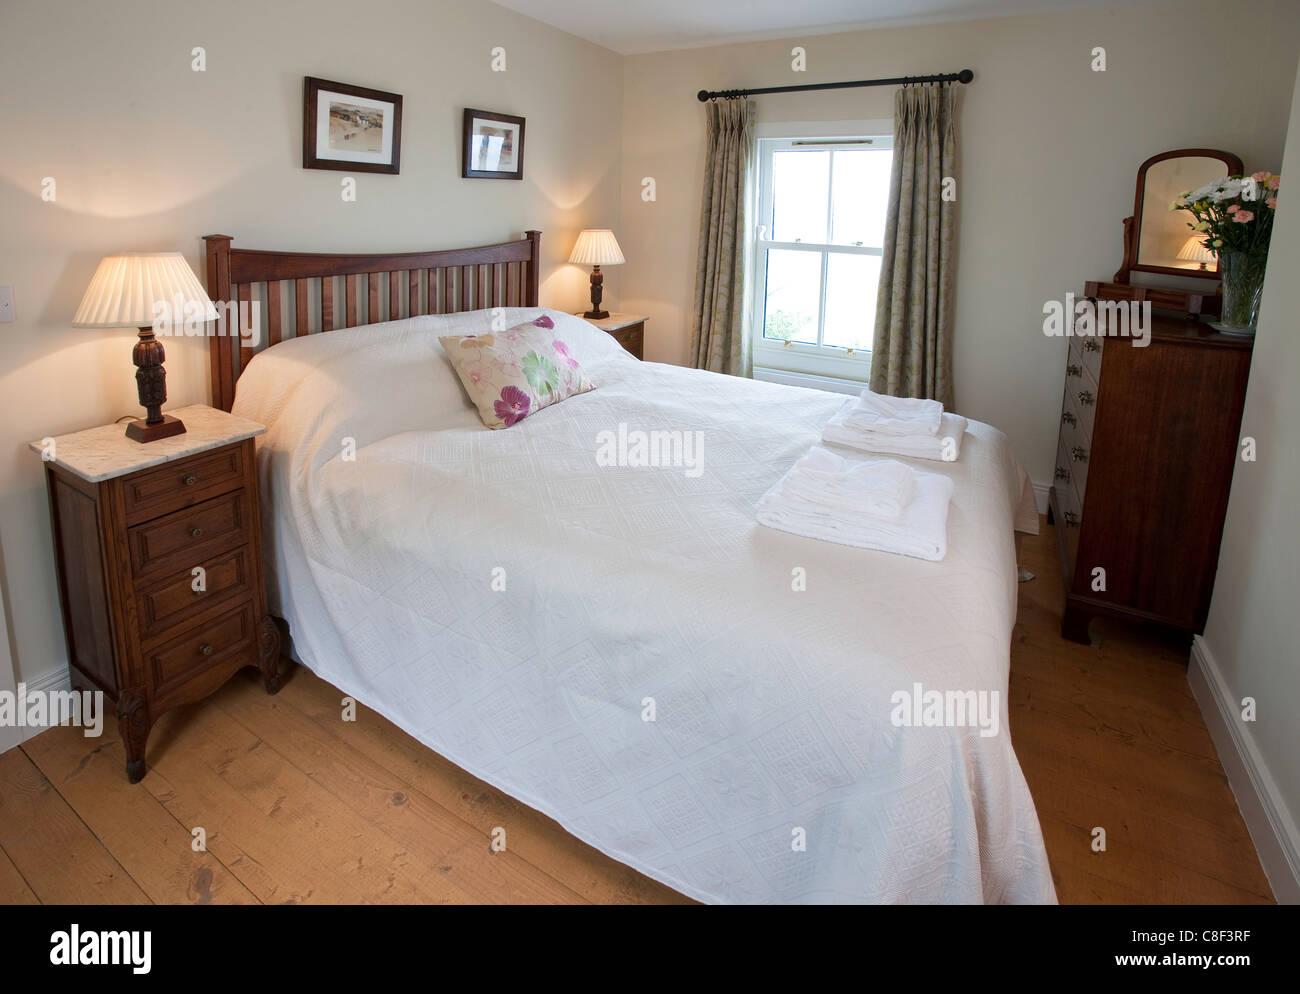 Photographie de l'intérieur d'une chambre à coucher dans un cottage irlandais Banque D'Images